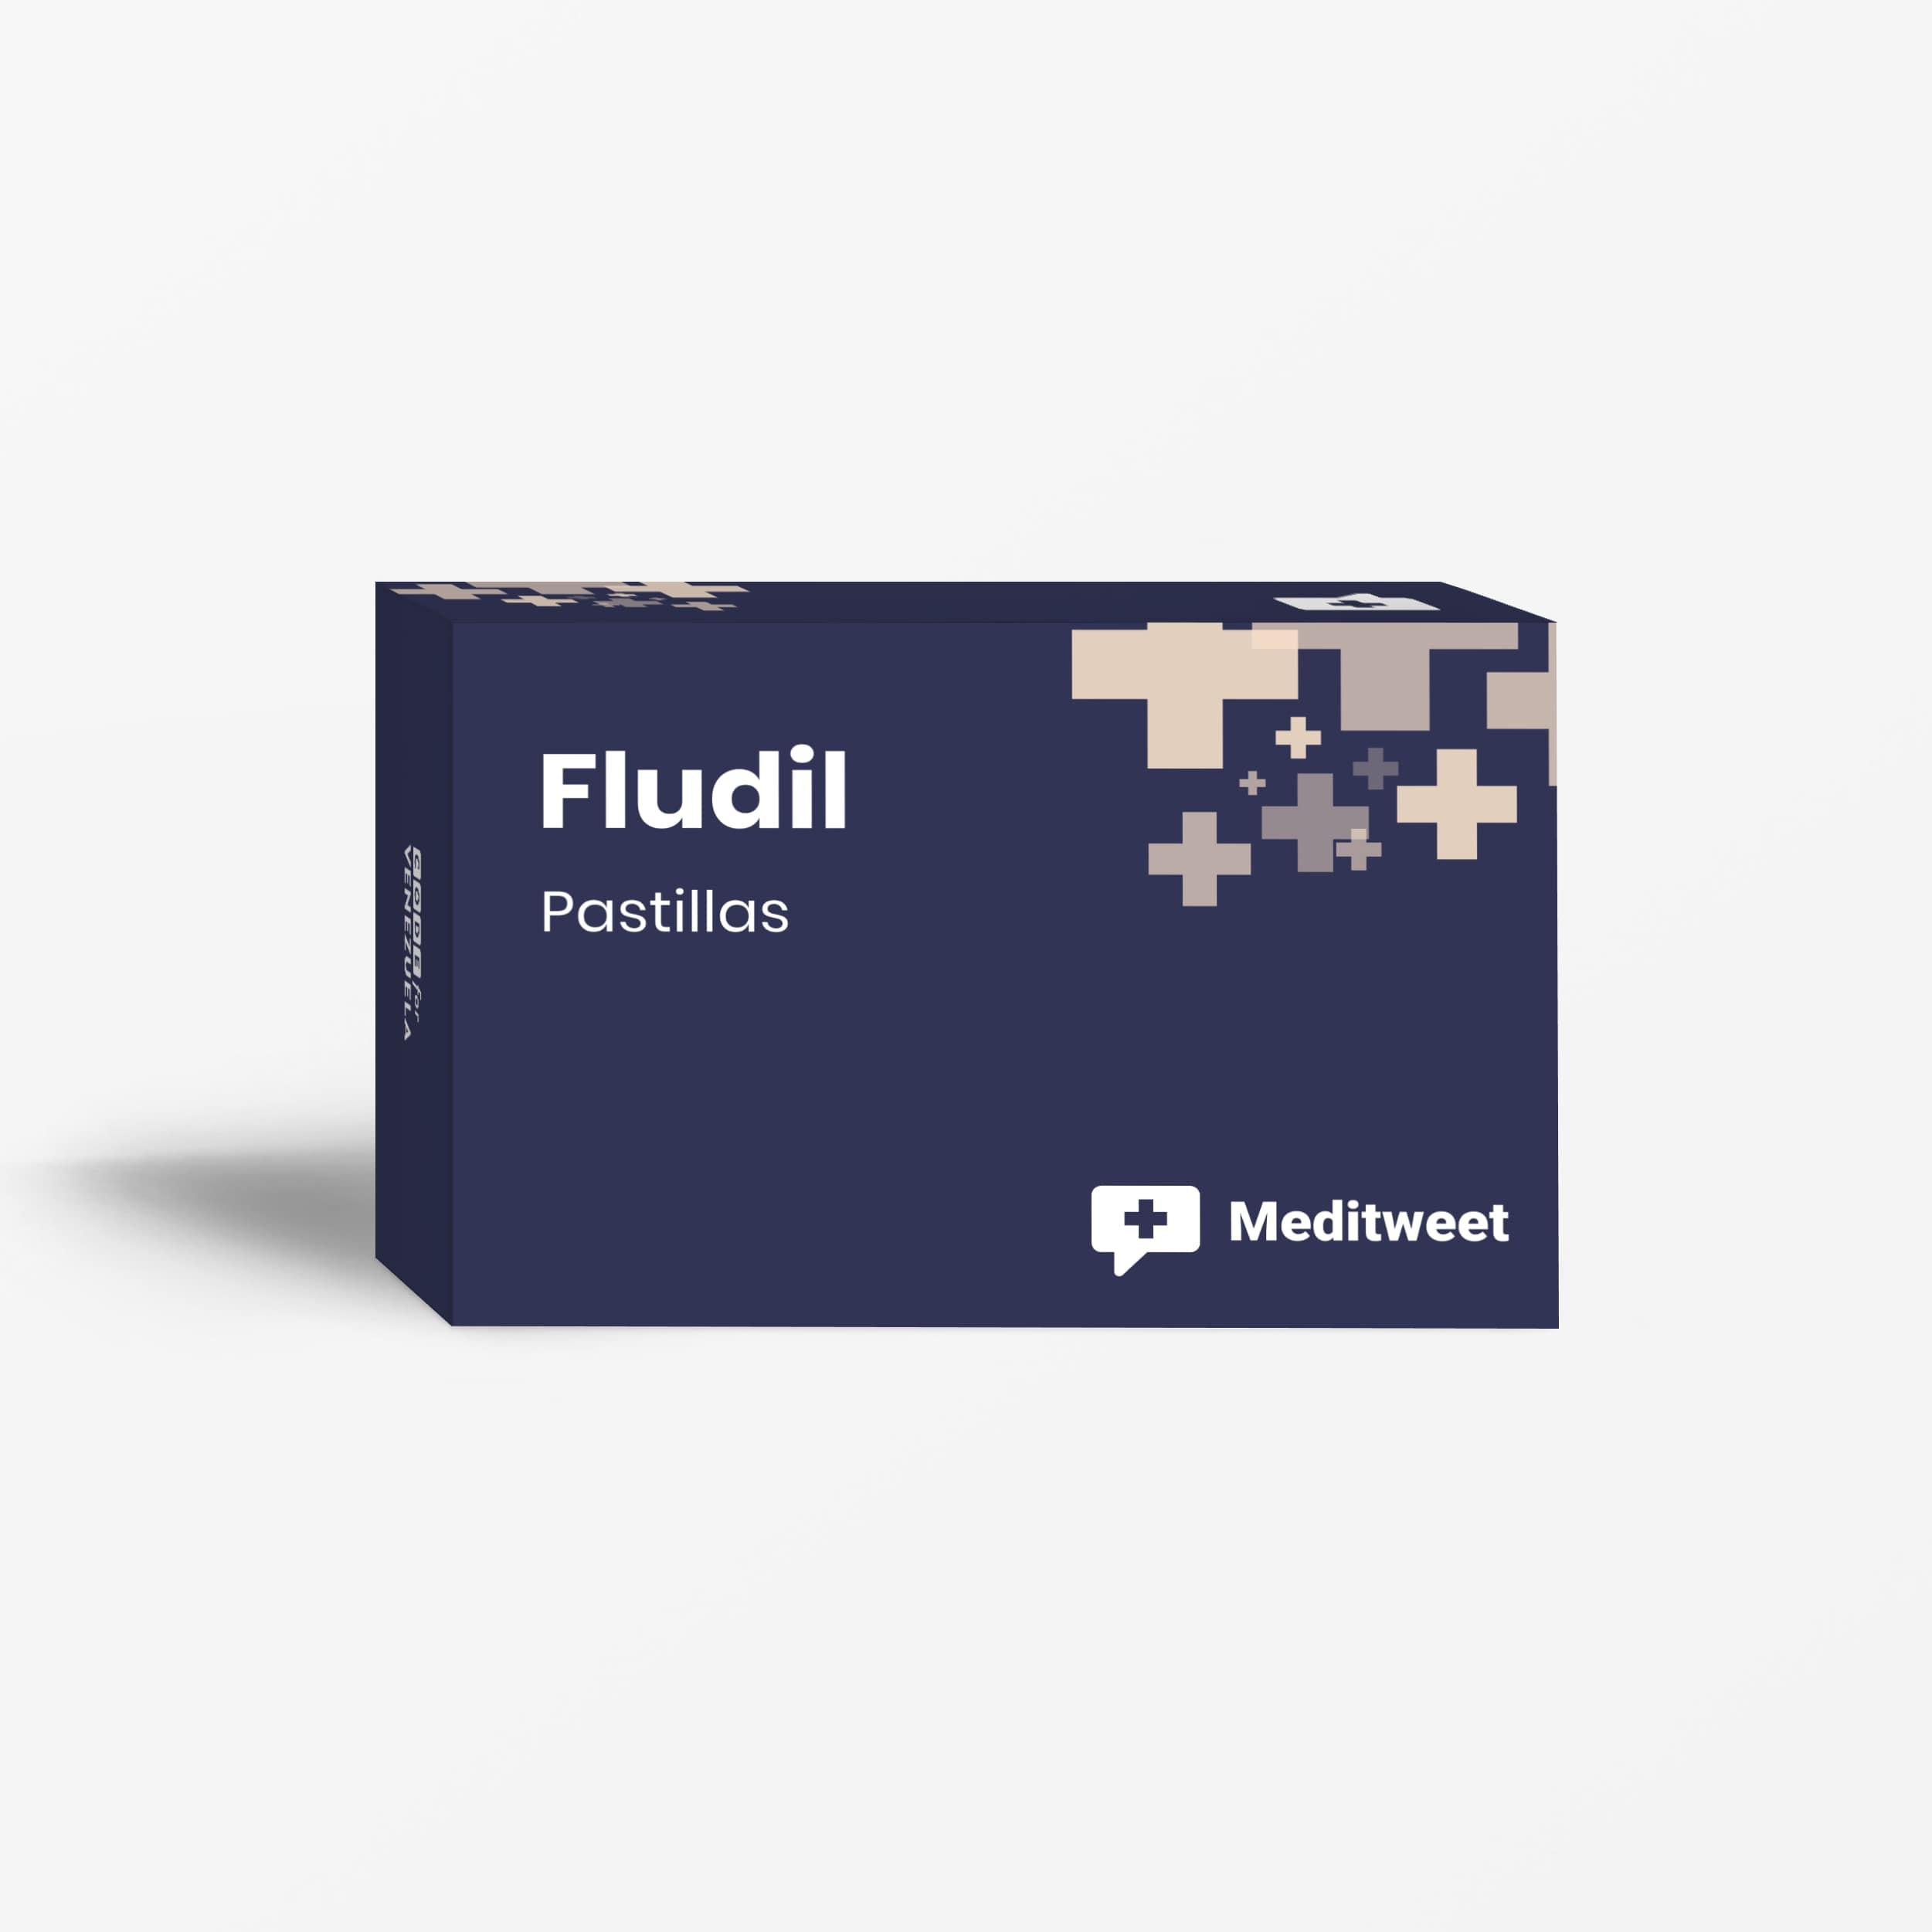 Fludil: qué es, para qué sirve y dónde conseguirlo